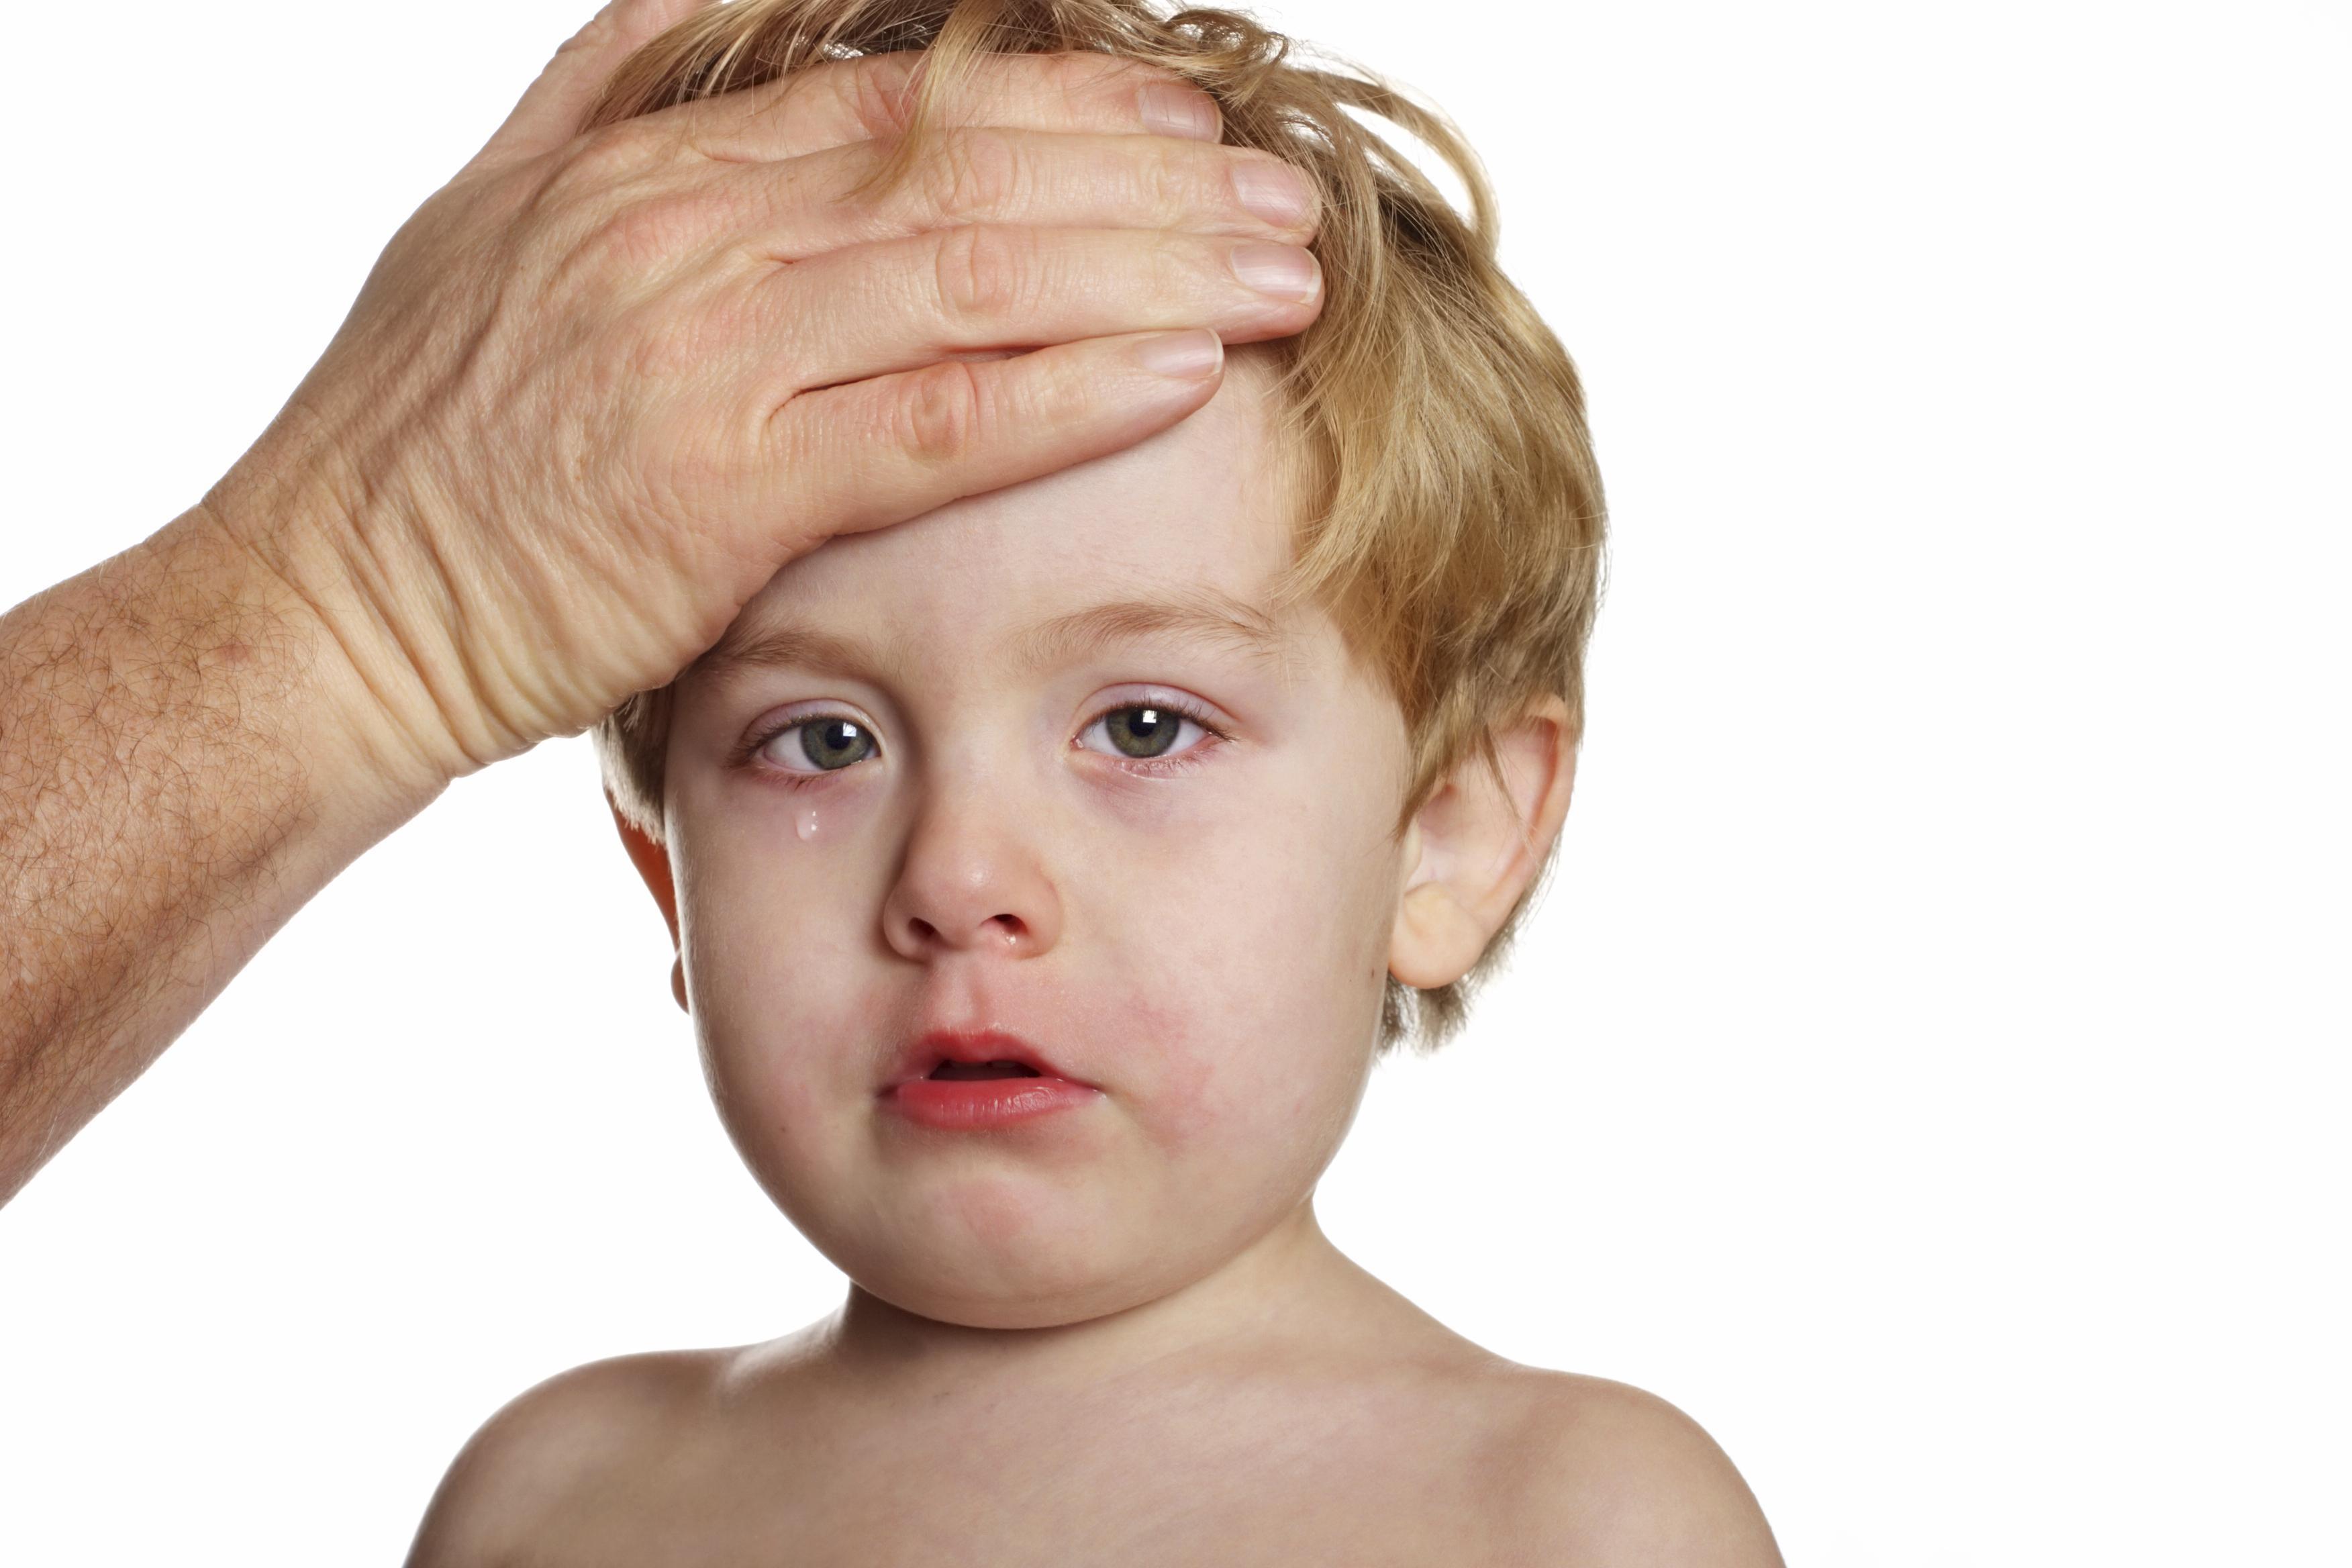 Doenças Respiratórias em Crianças, Como Agir